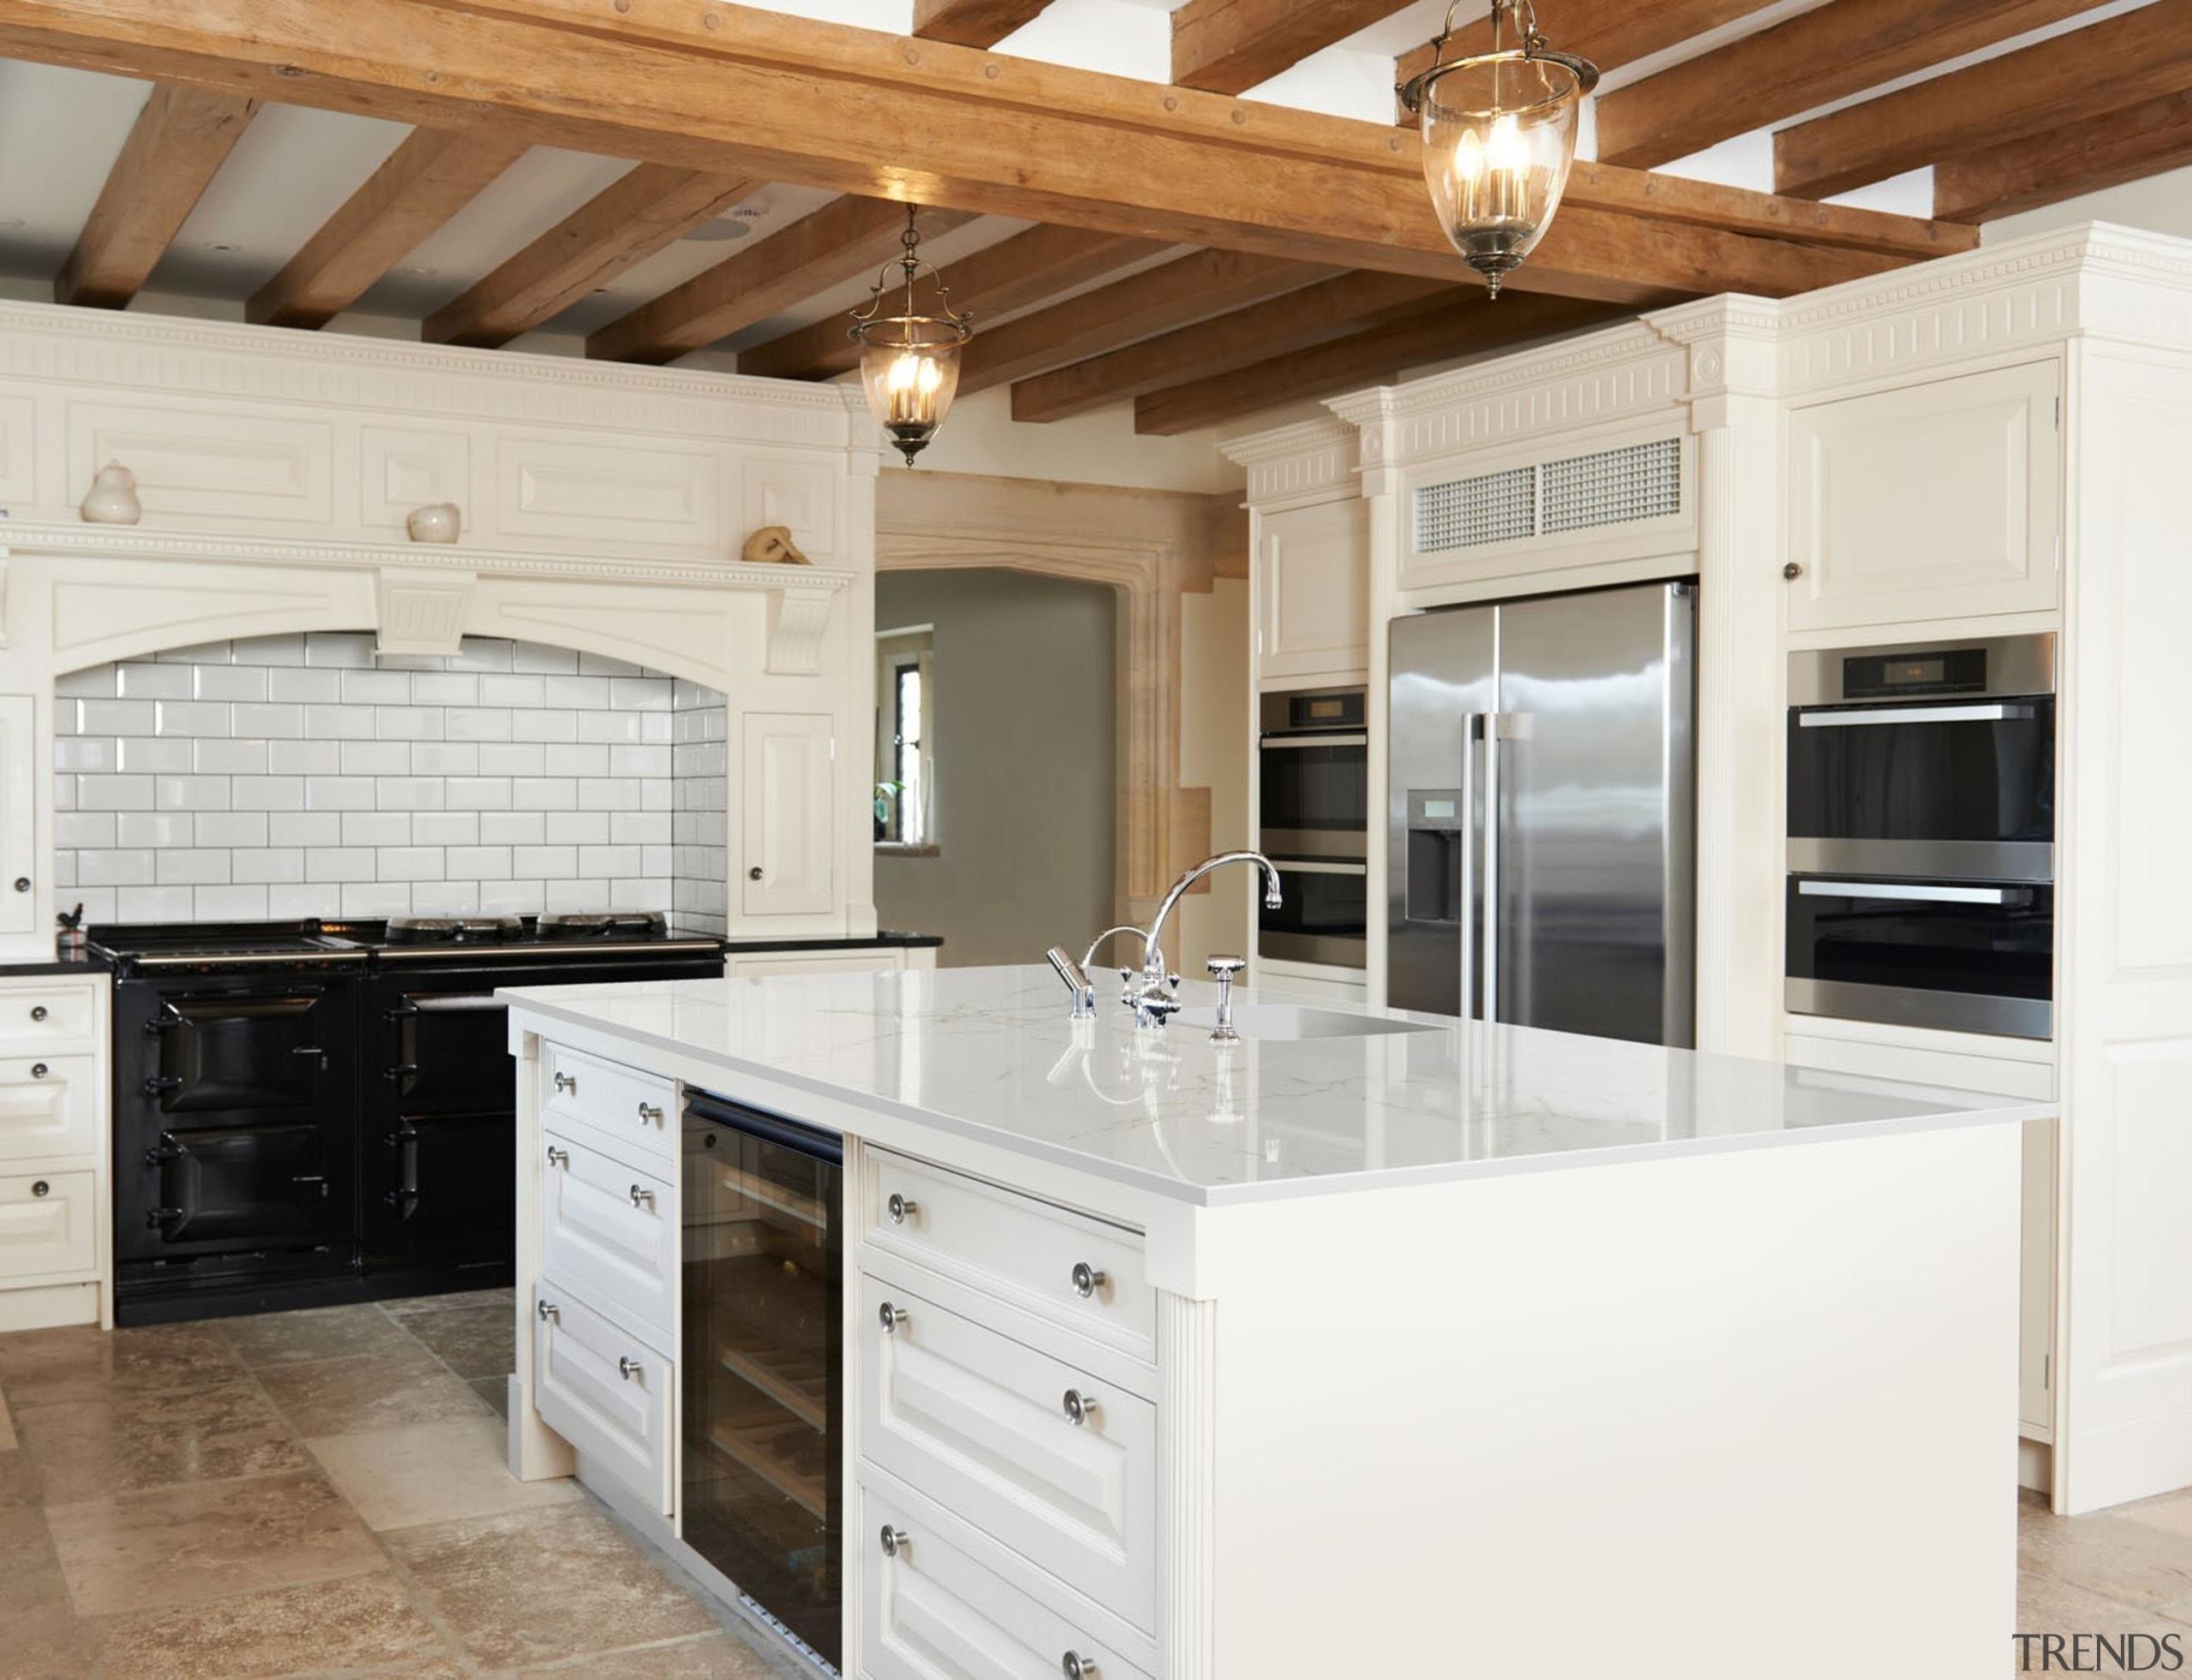 Dekton Glacier XGLOSS Kitchen Countertop - Dekton Glacier cabinetry, countertop, cuisine classique, home, kitchen, real estate, room, white